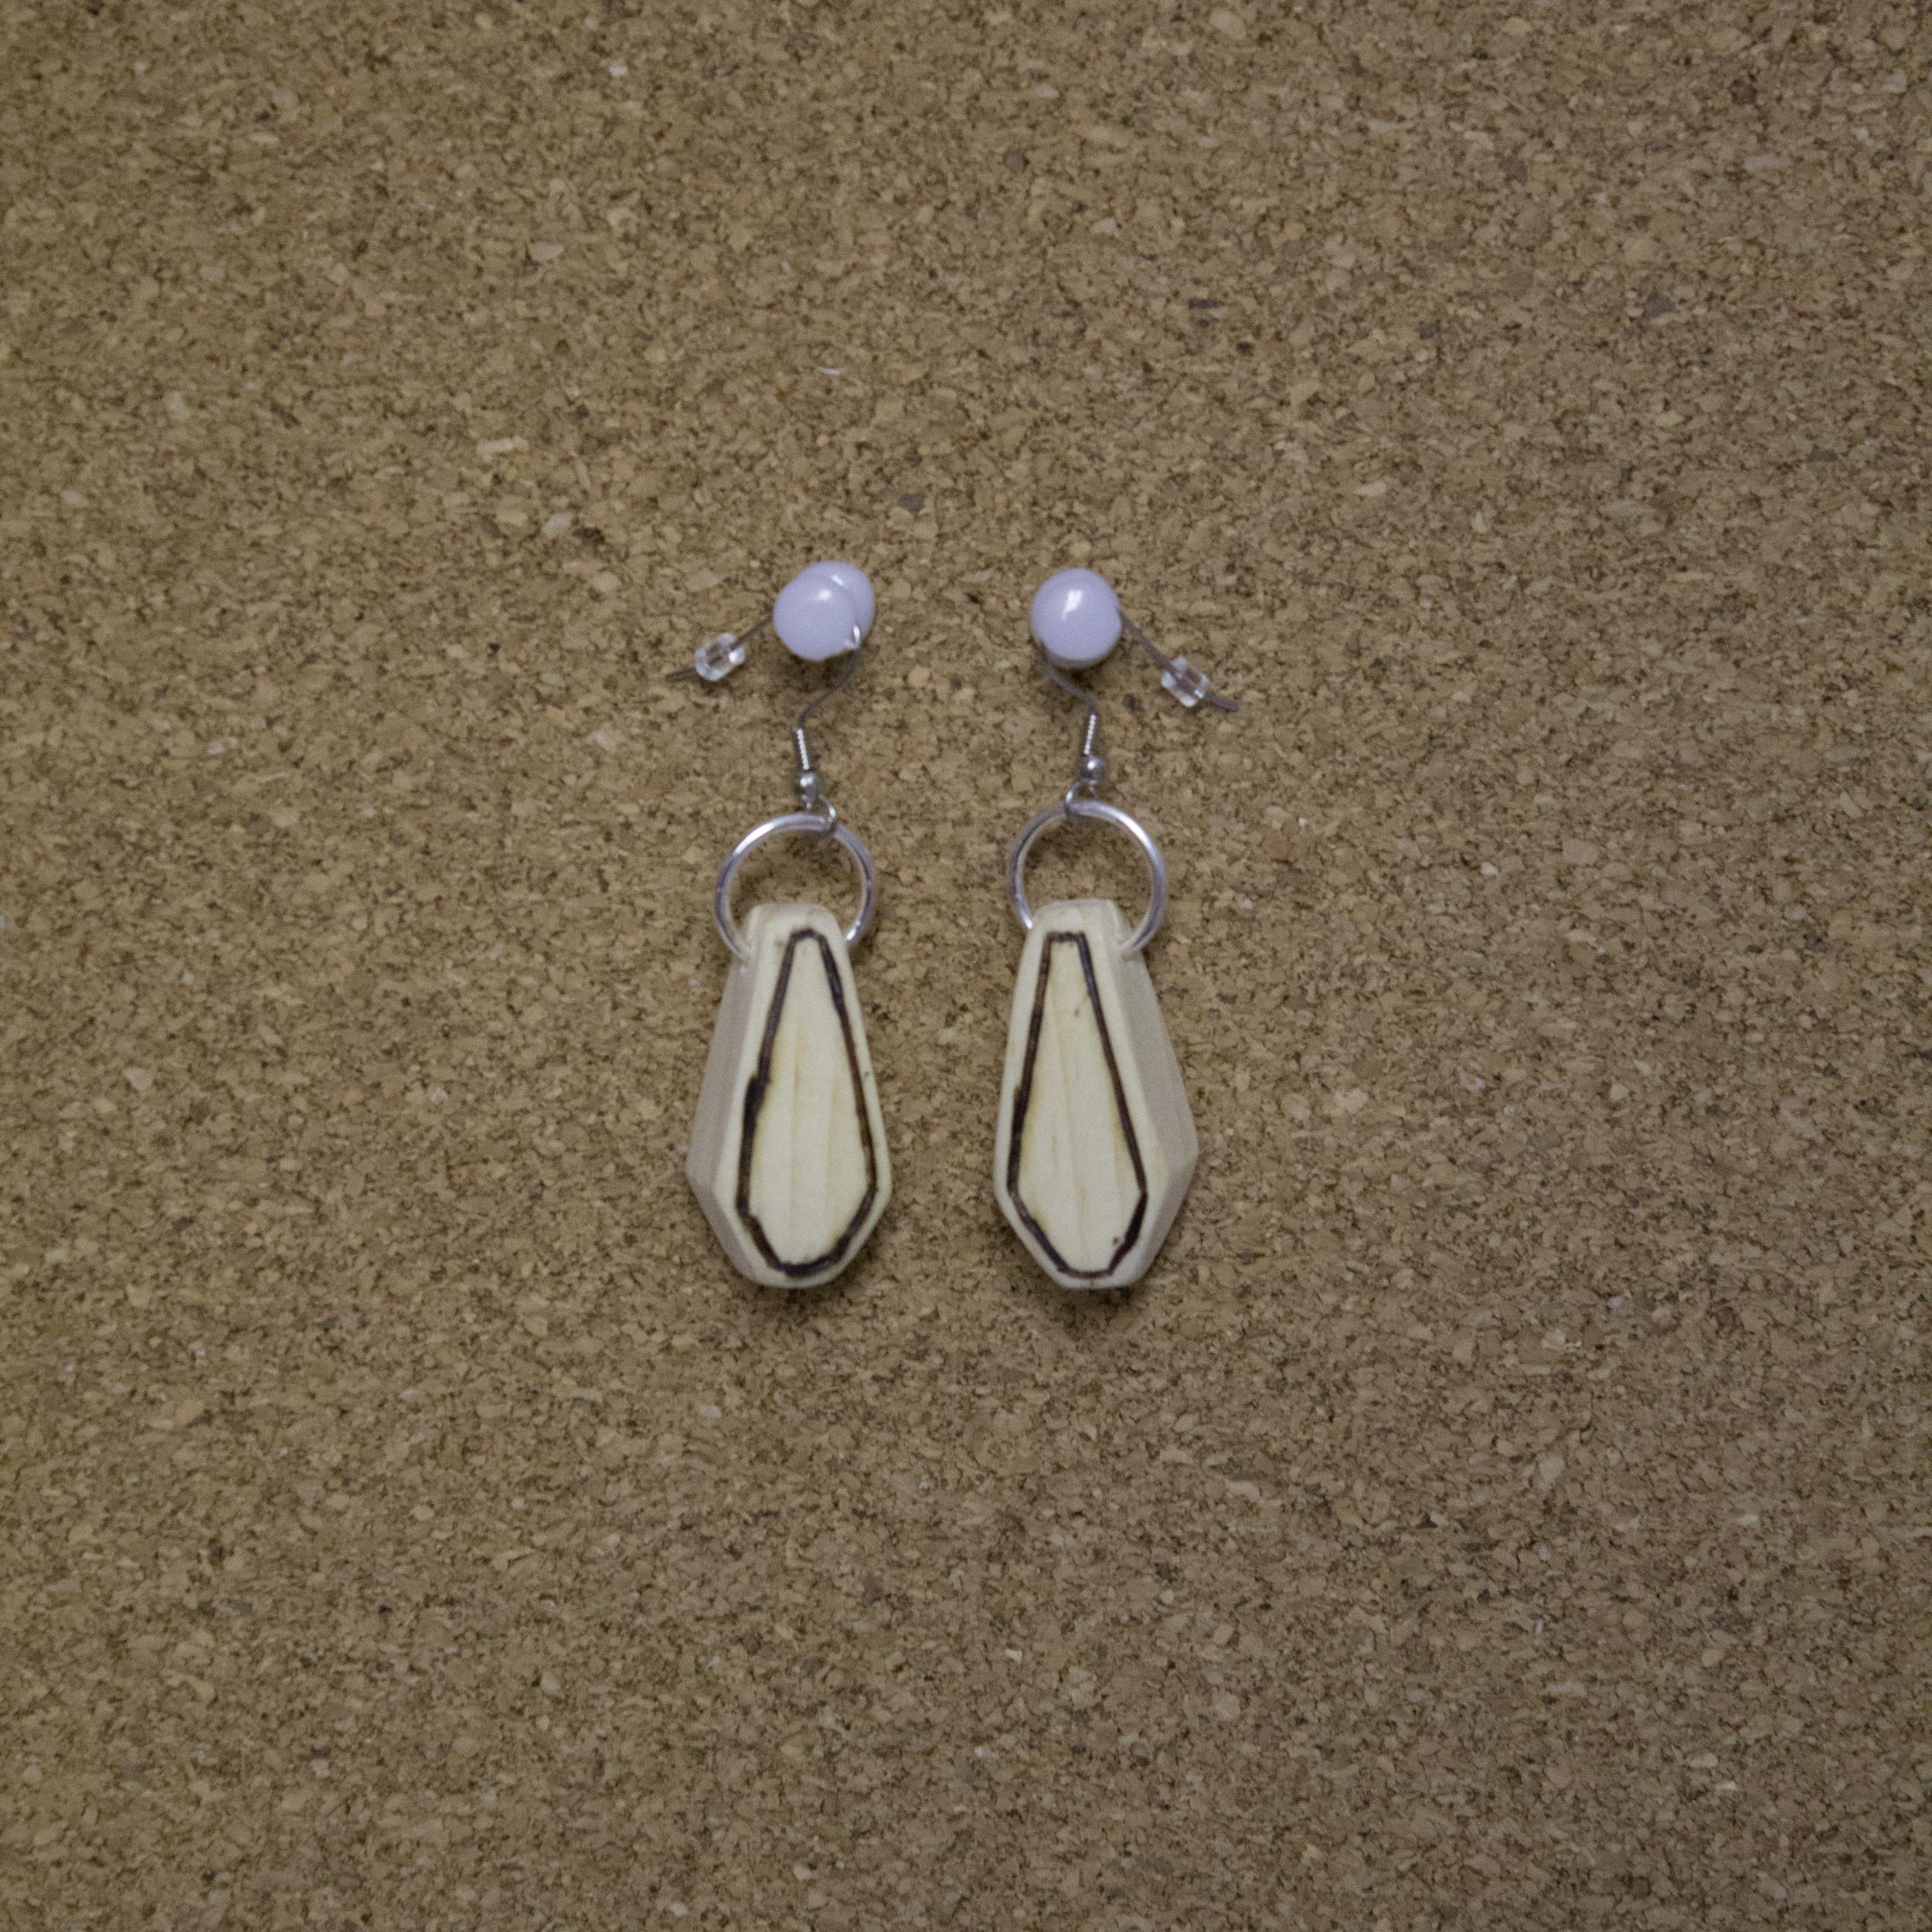 Wood Gem Earrings - $5